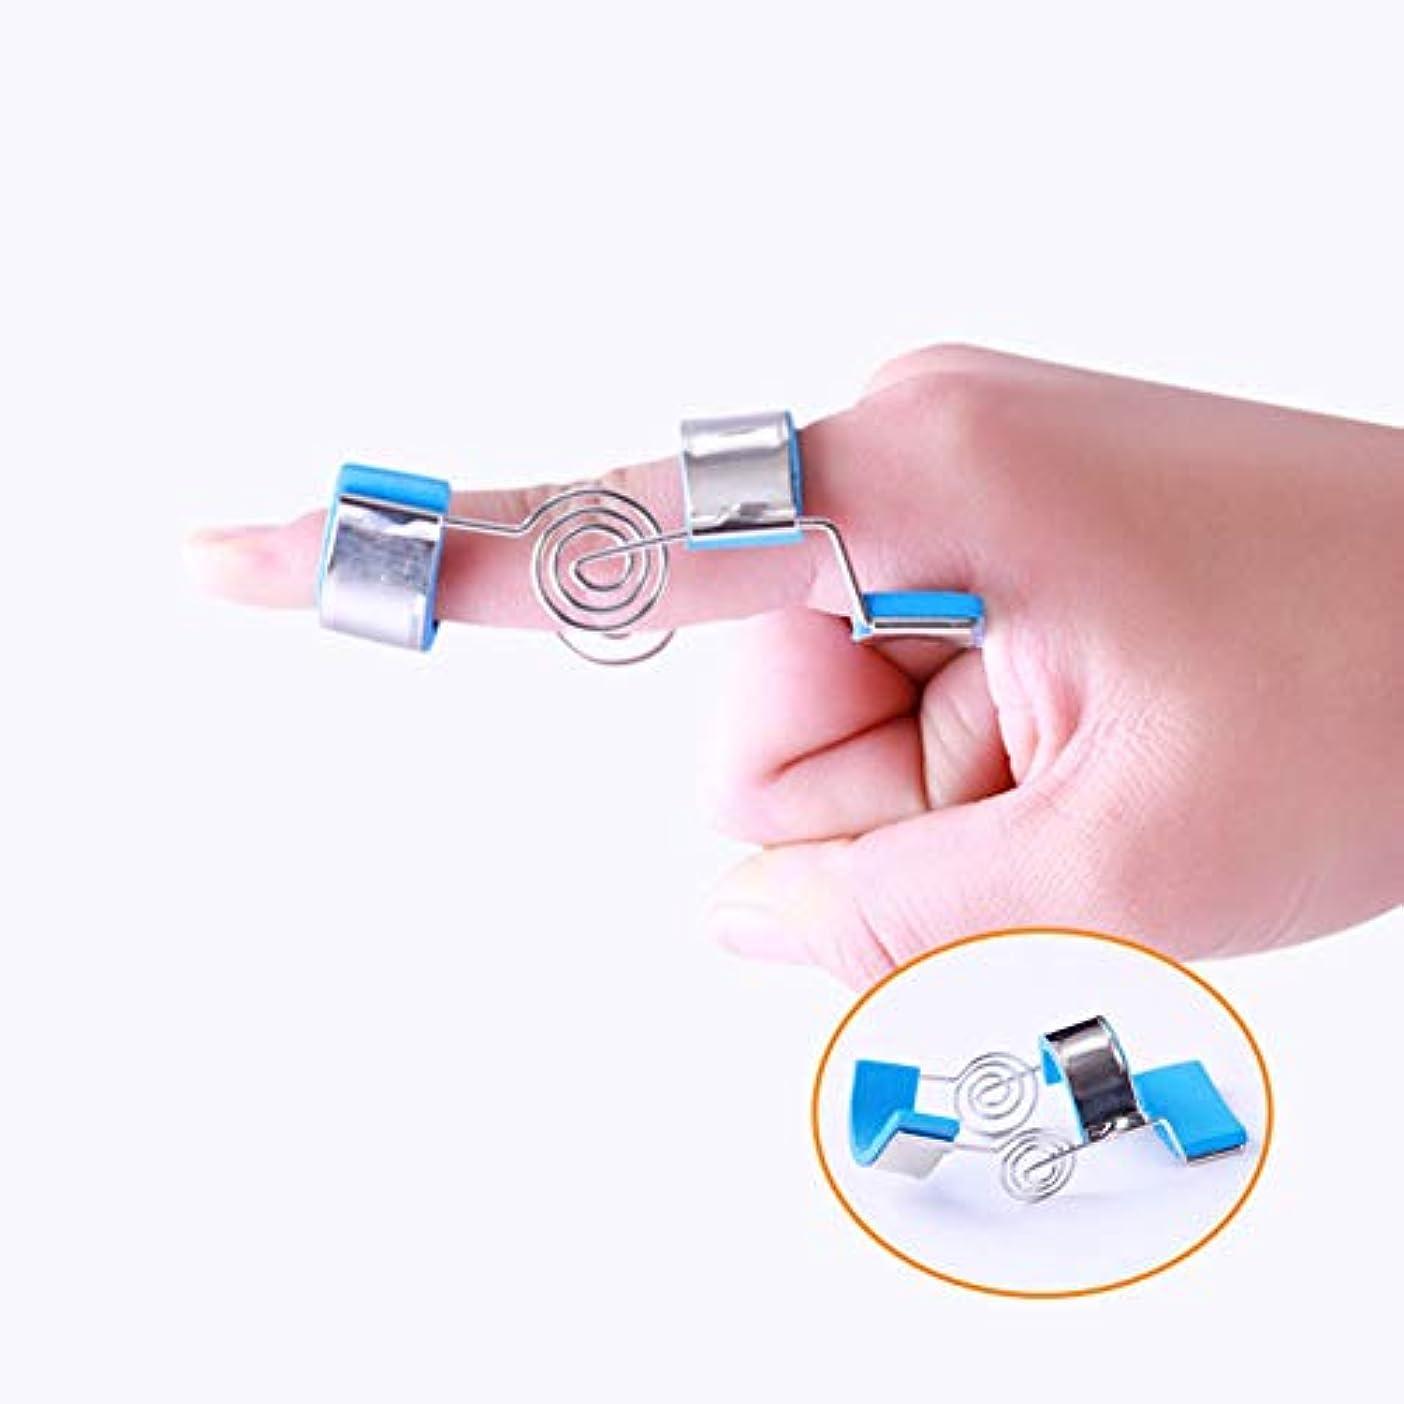 指関節可動性手機能トレーニング肌に優しい調整可能な洗える指補正器(ブルー),S